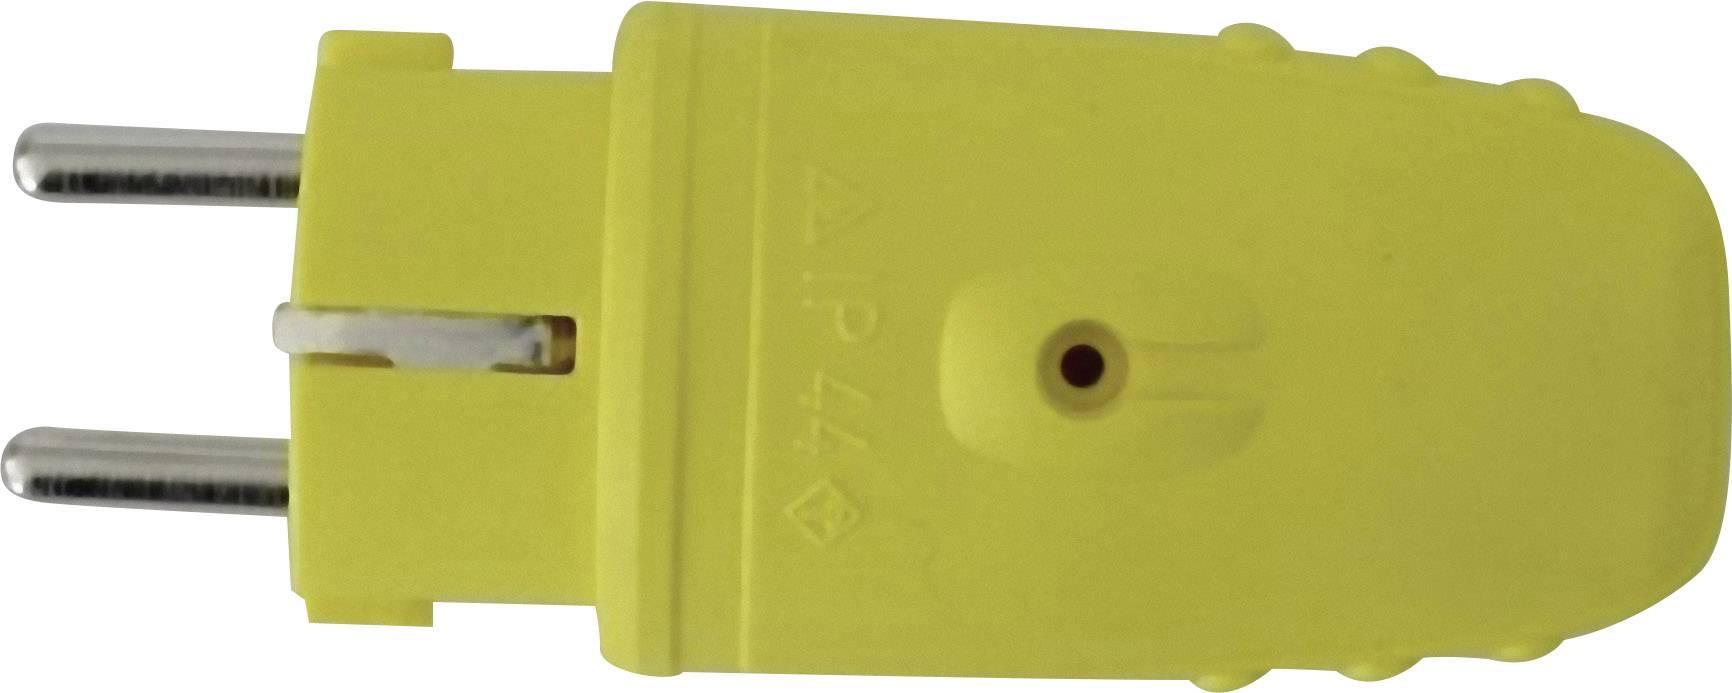 Zástrčka SchuKo GAO 612015, guma, IP20, 230 V, žltá